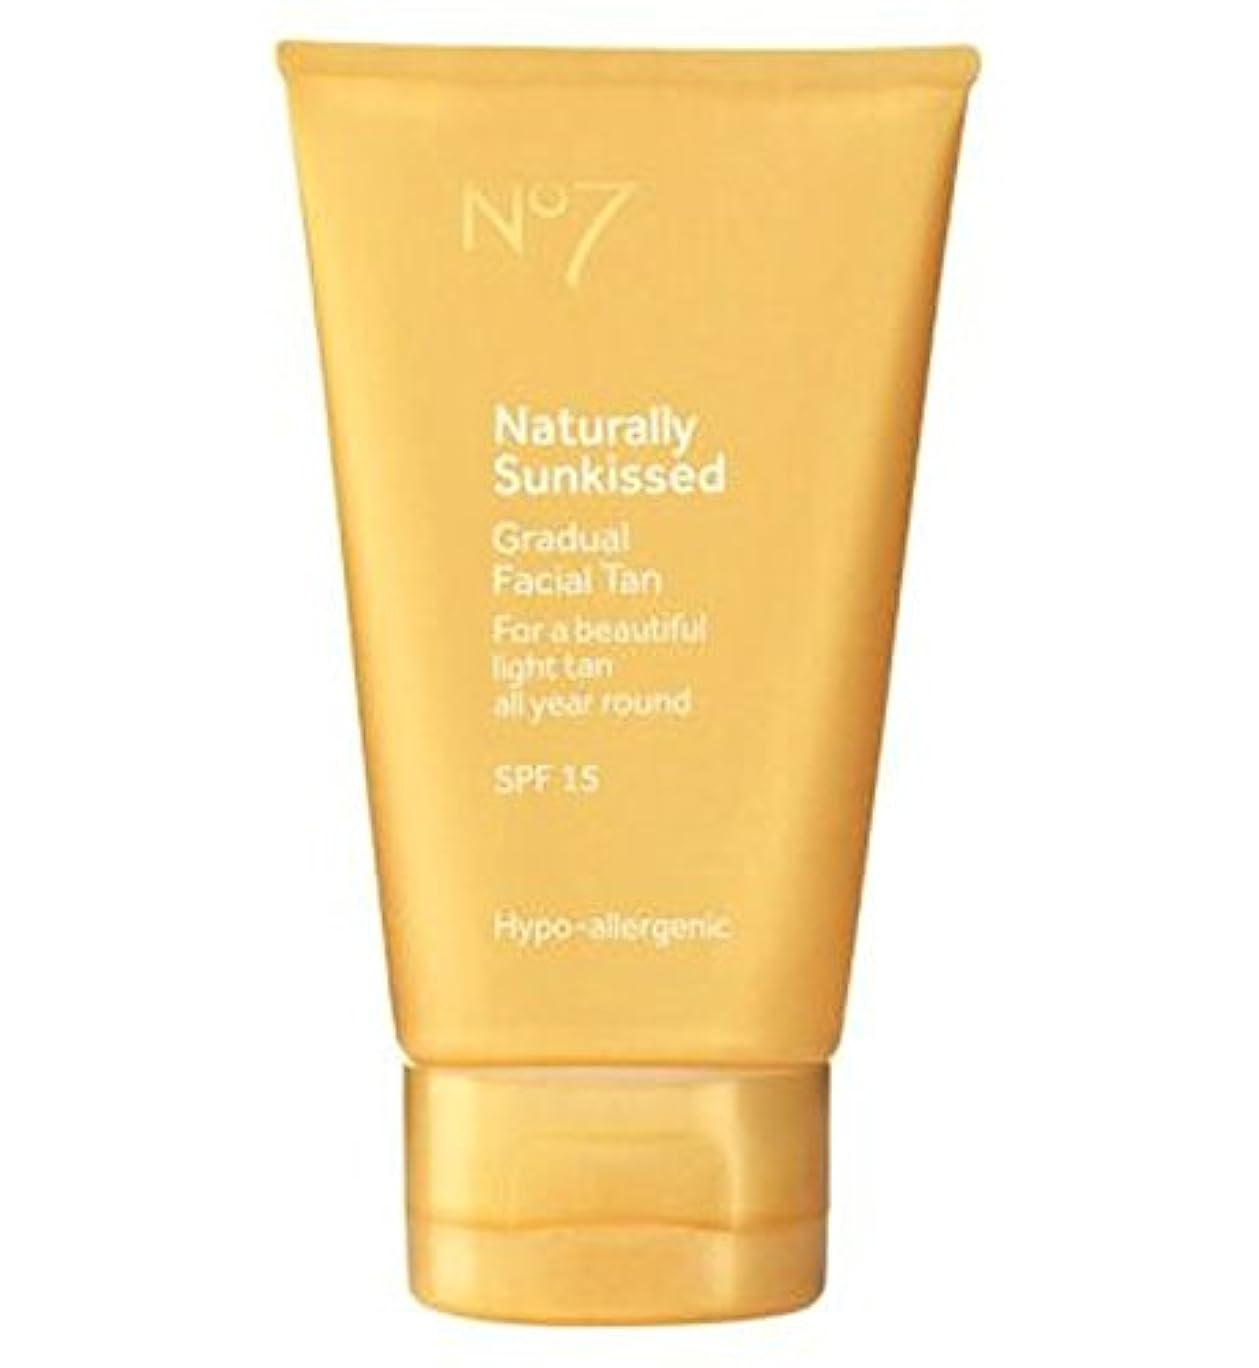 キュービックニュースパトロールNo7 Naturally Sun Kissed Gradual Face Tan SP15 - No7は自然に太陽が緩やかな顔日焼けSp15にキスをしました (No7) [並行輸入品]